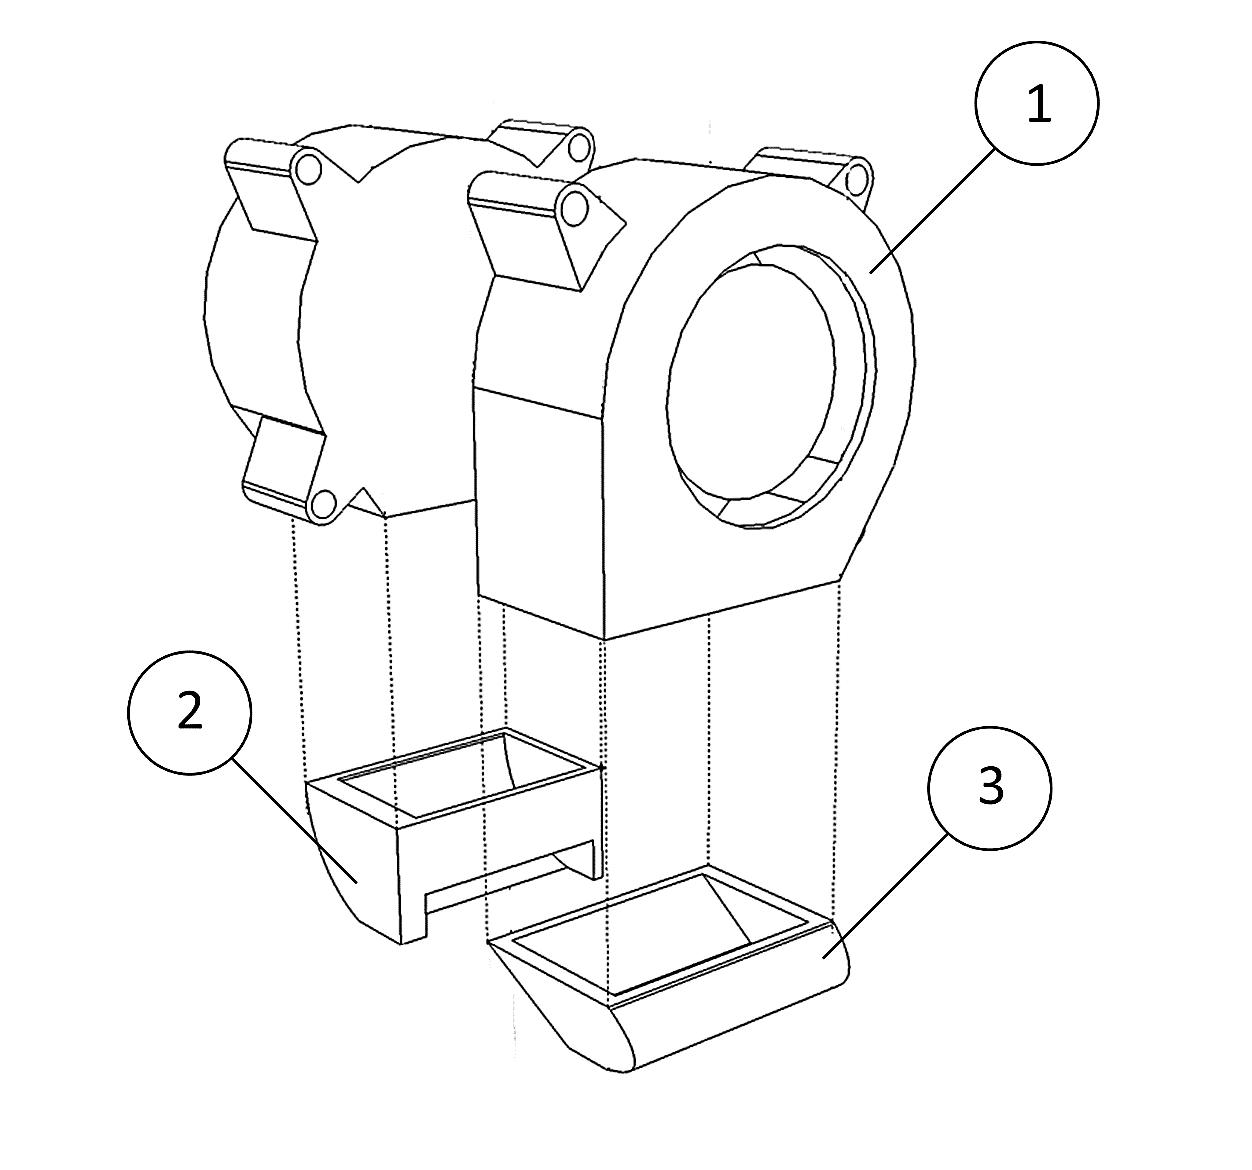 Инструкция по сборке 3D принтера Prism Uni(часть 1-механика) - 38